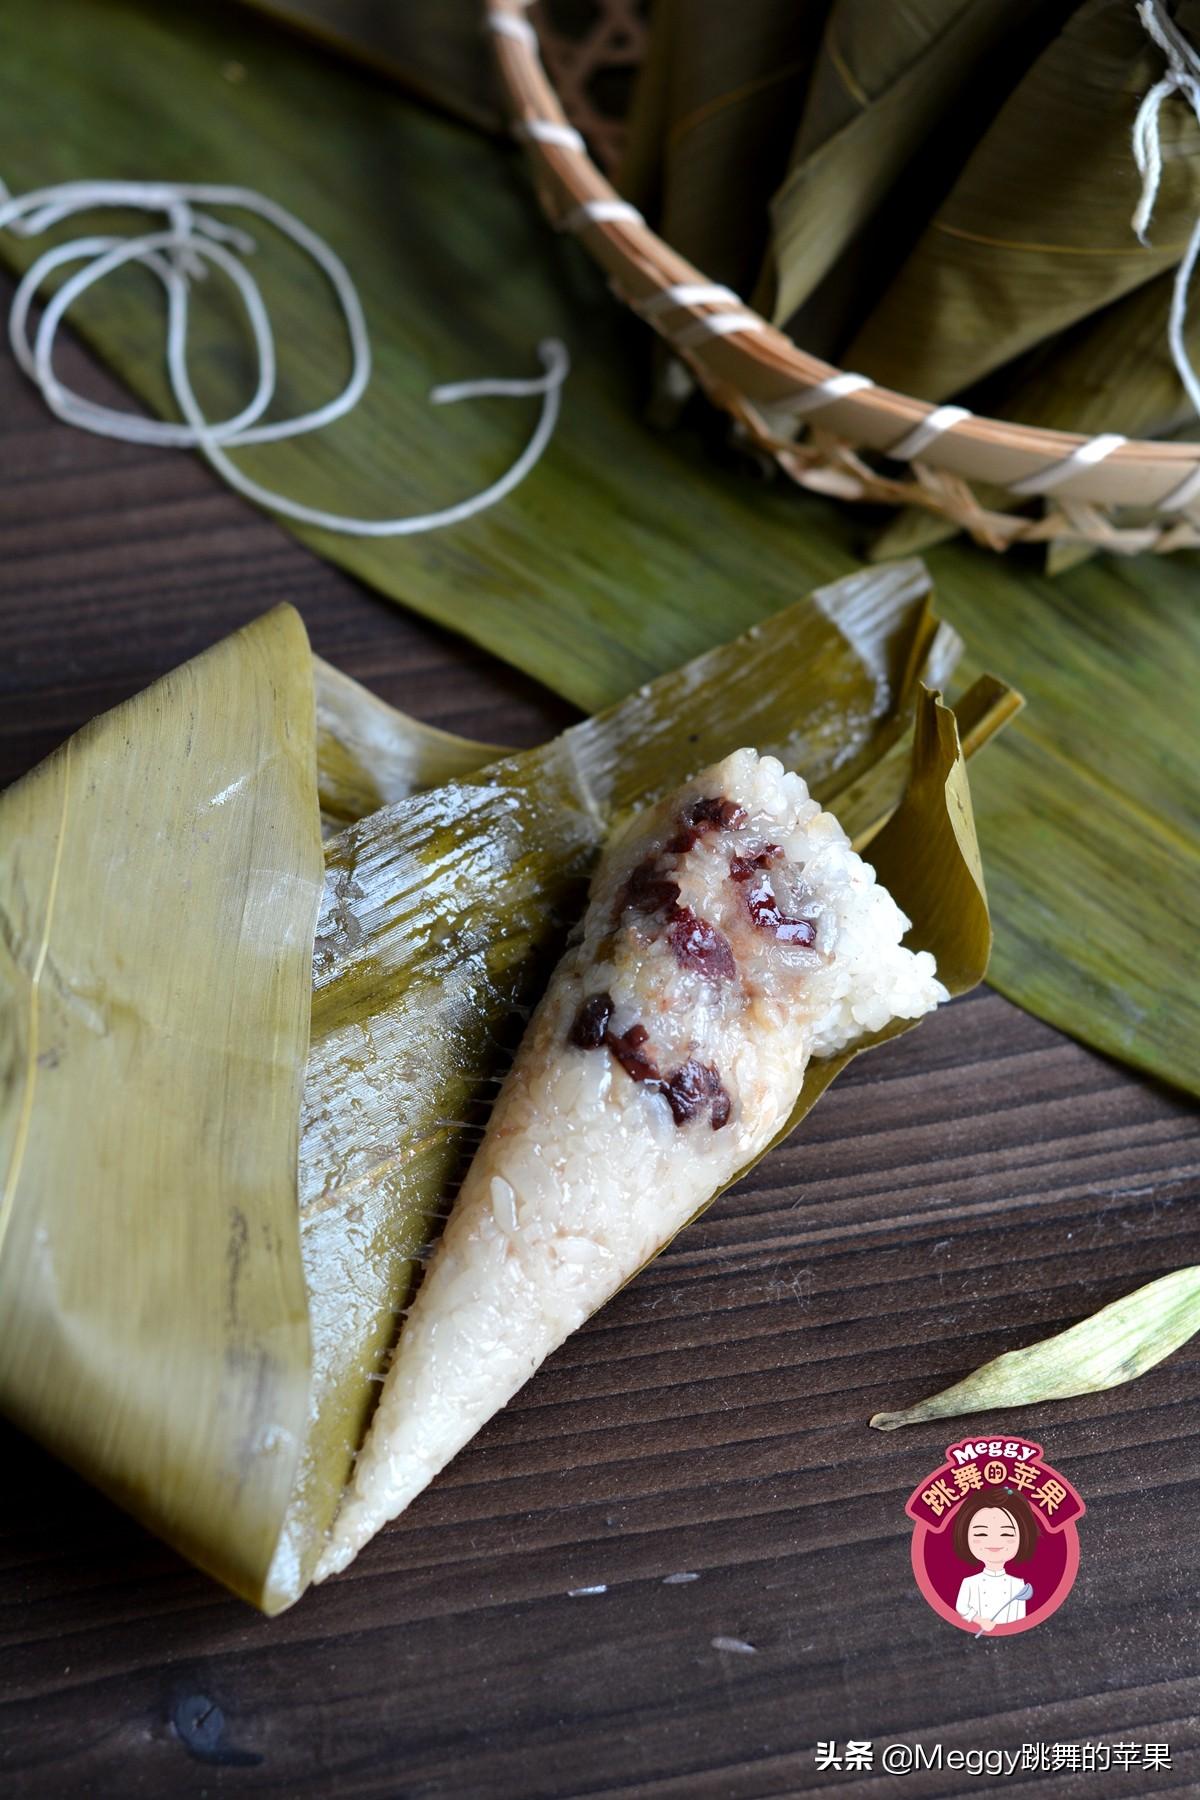 端午节吃粽子,教你3种甜粽子 美食做法 第2张